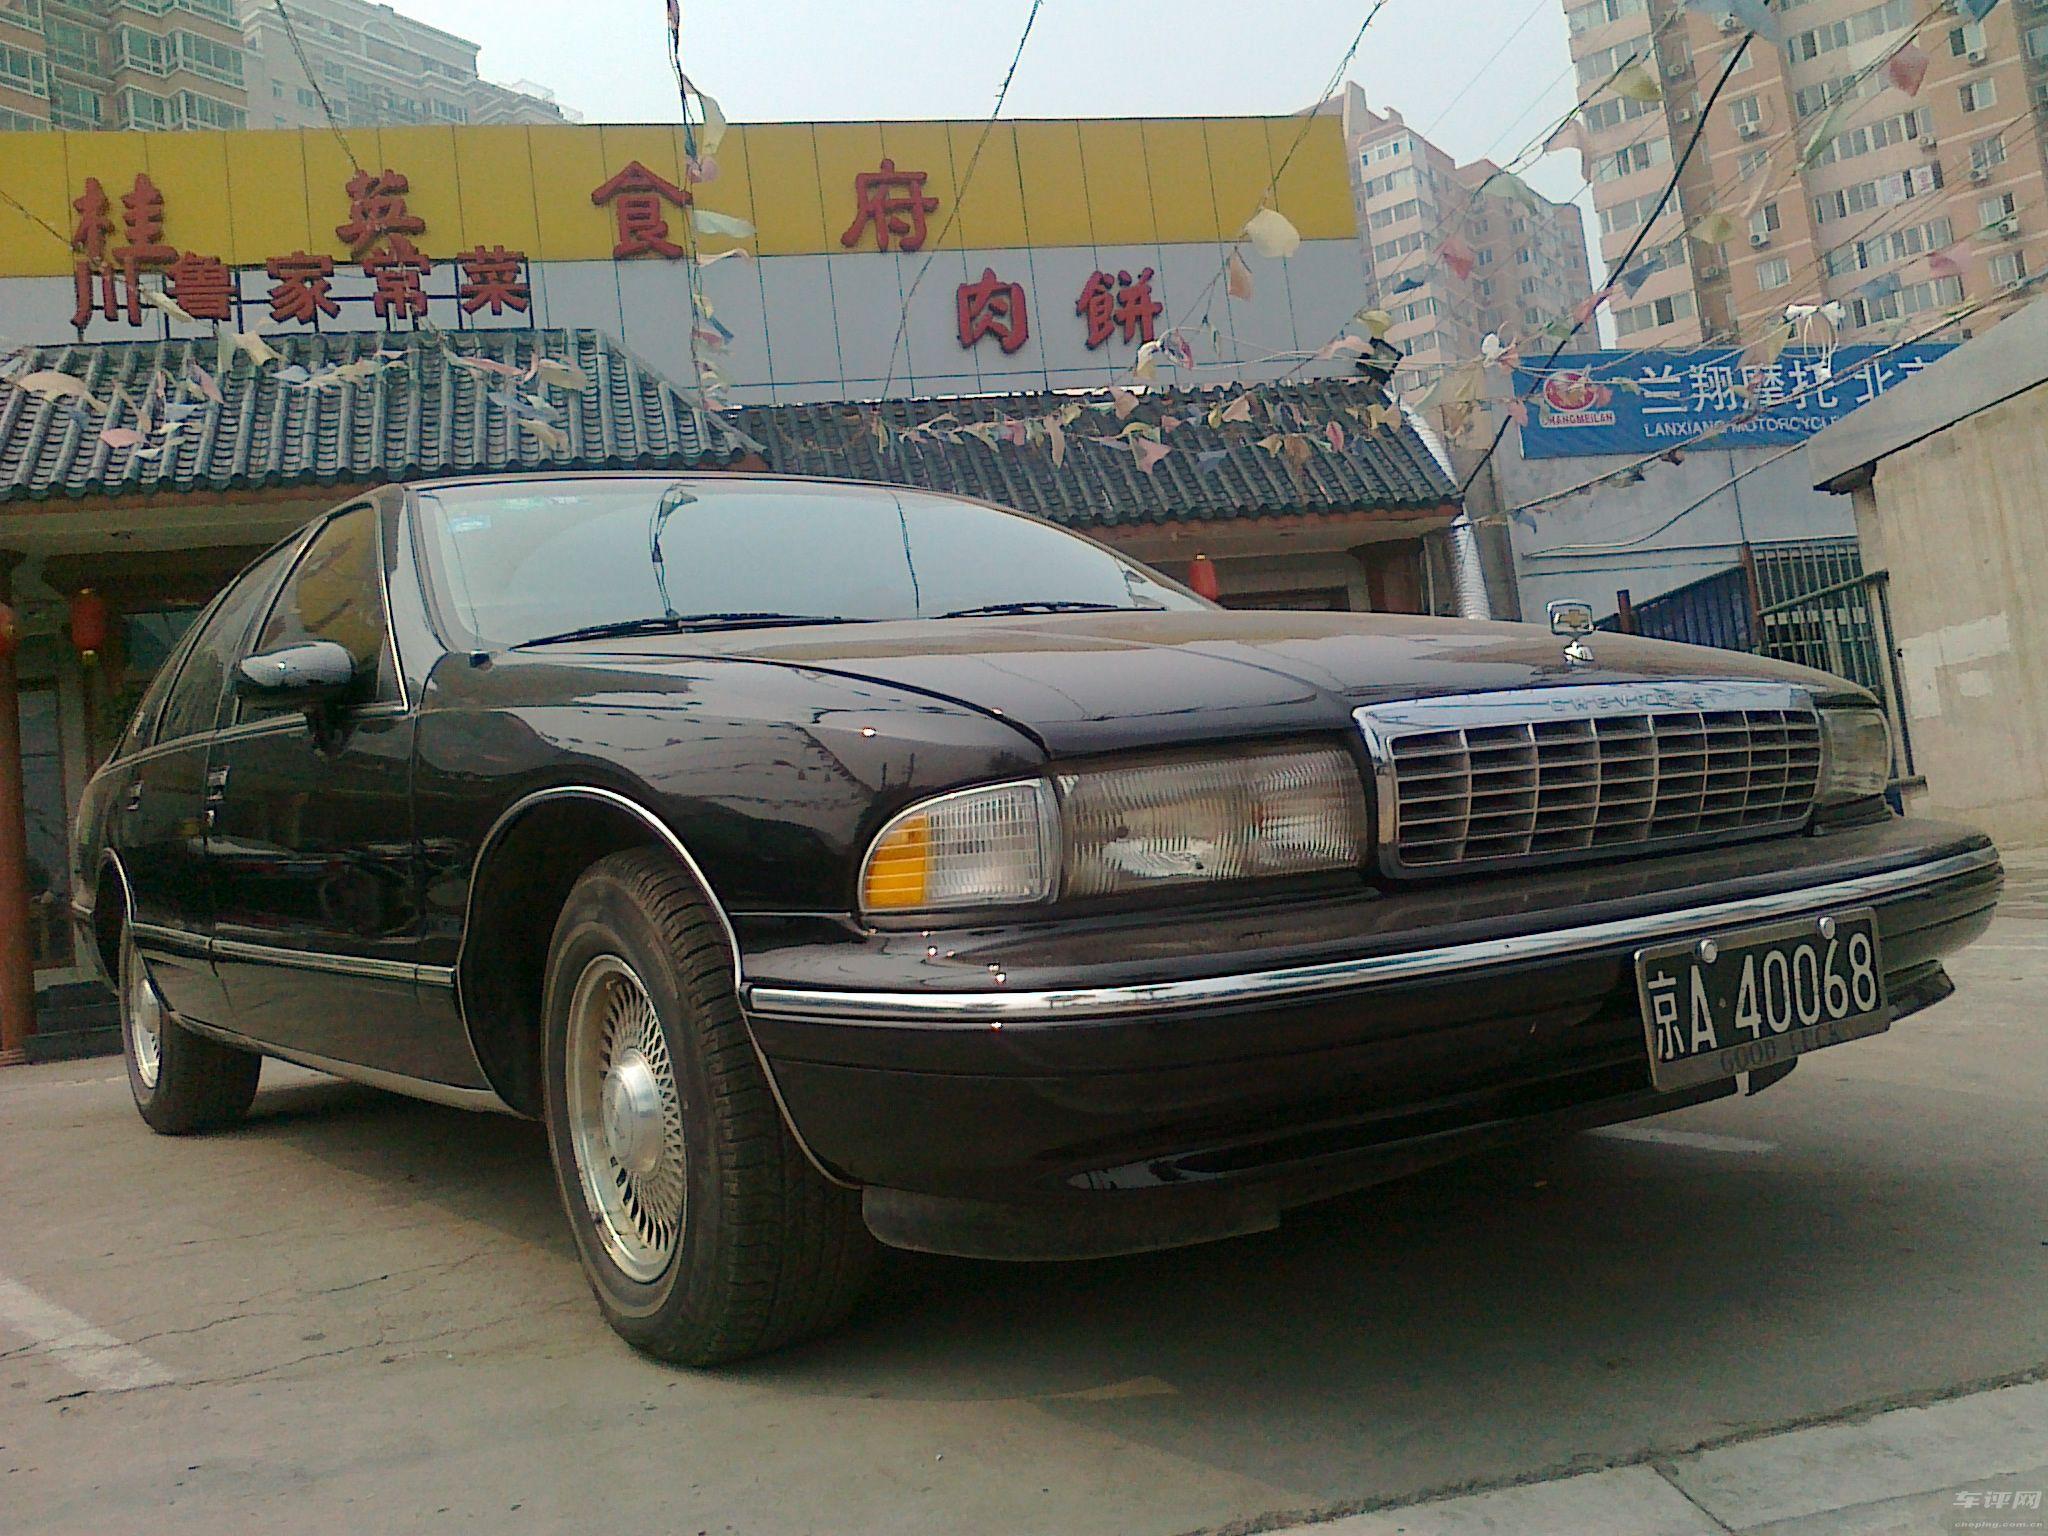 这个是老款的雪佛兰的impala么 貌似美国警车很多高清图片